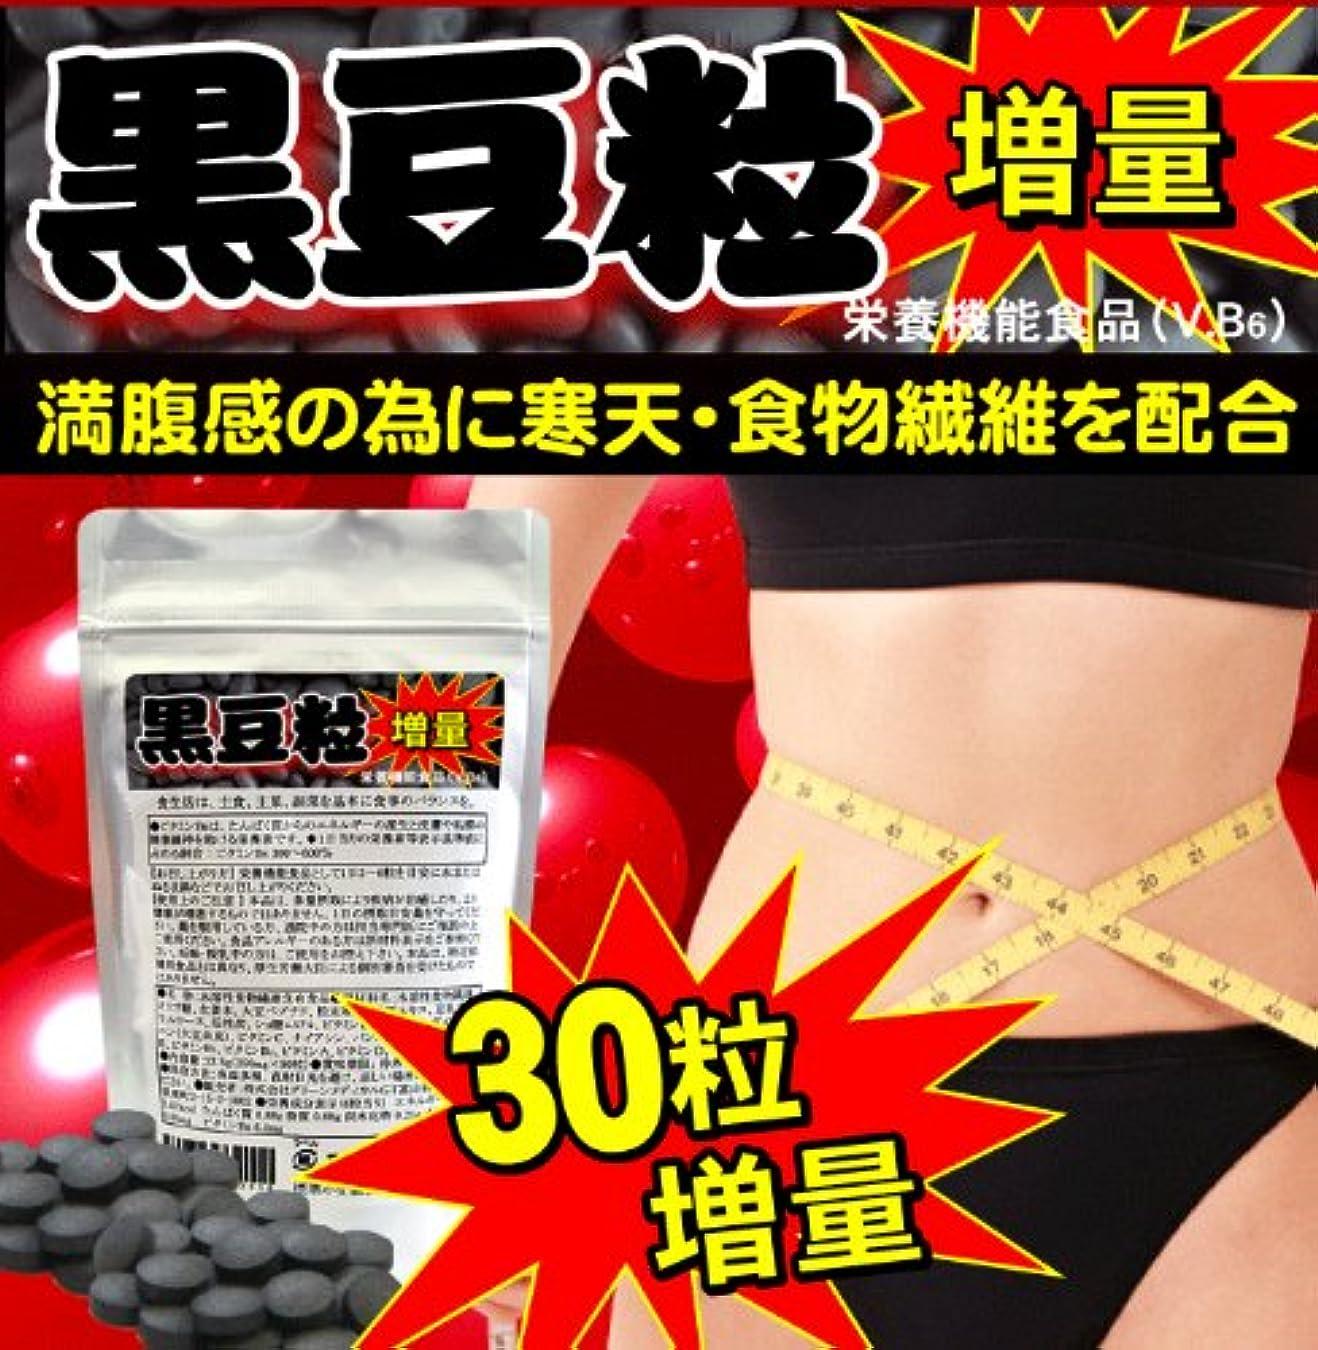 猛烈な同種のシャベル黒豆粒増量(黒豆ダイエットサプリ)